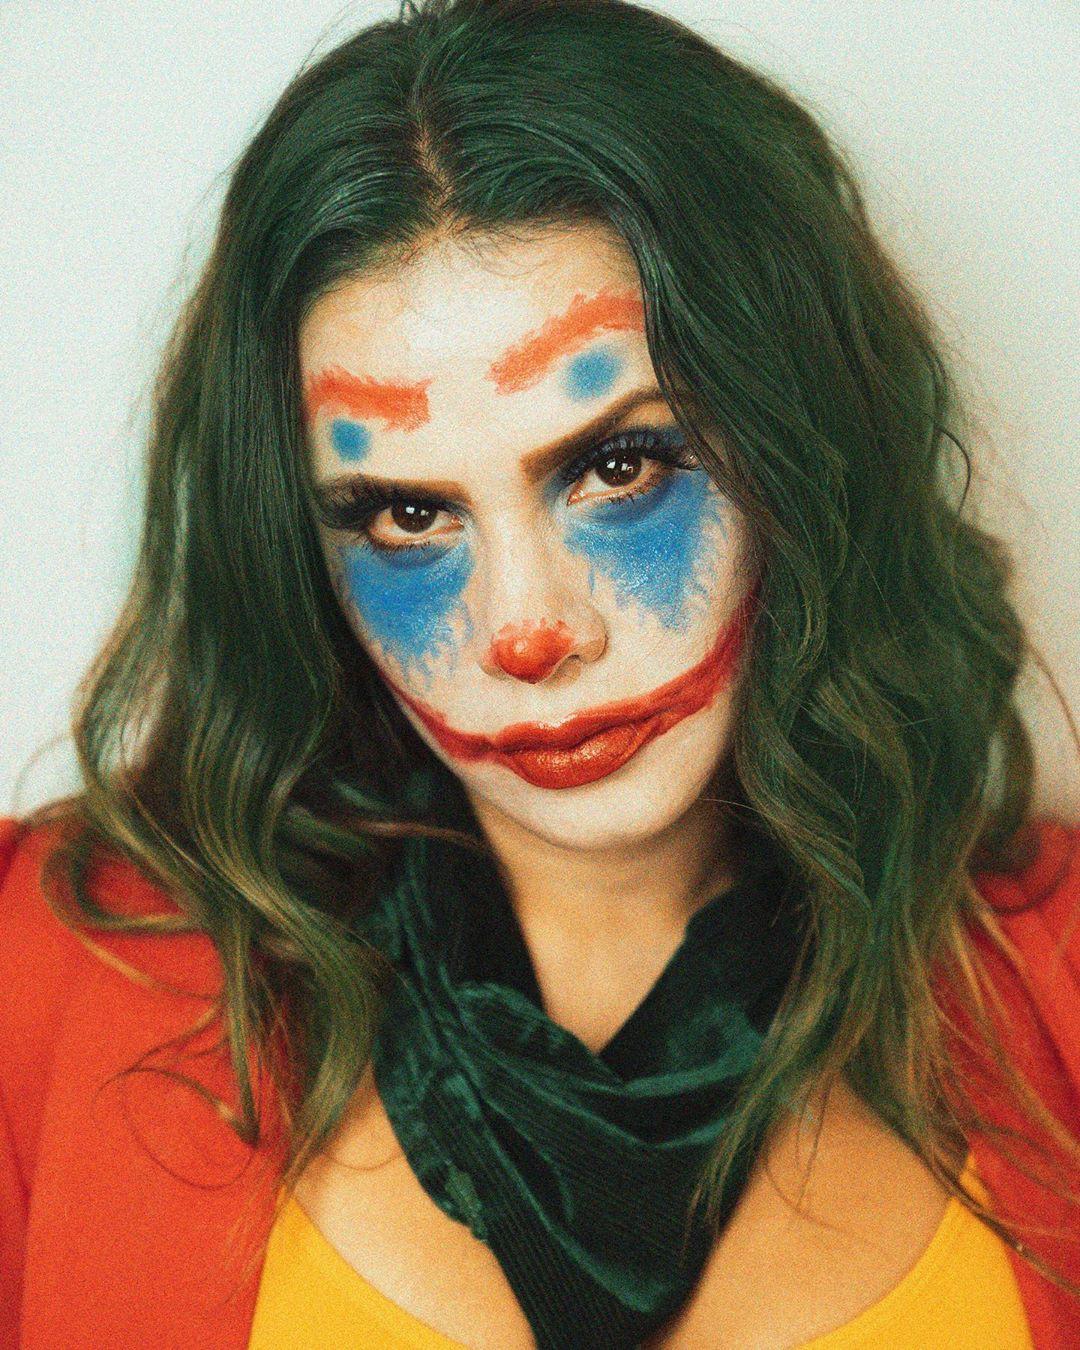 Andrea Espada Vines & Photos, facial makeup, Portrait -m-